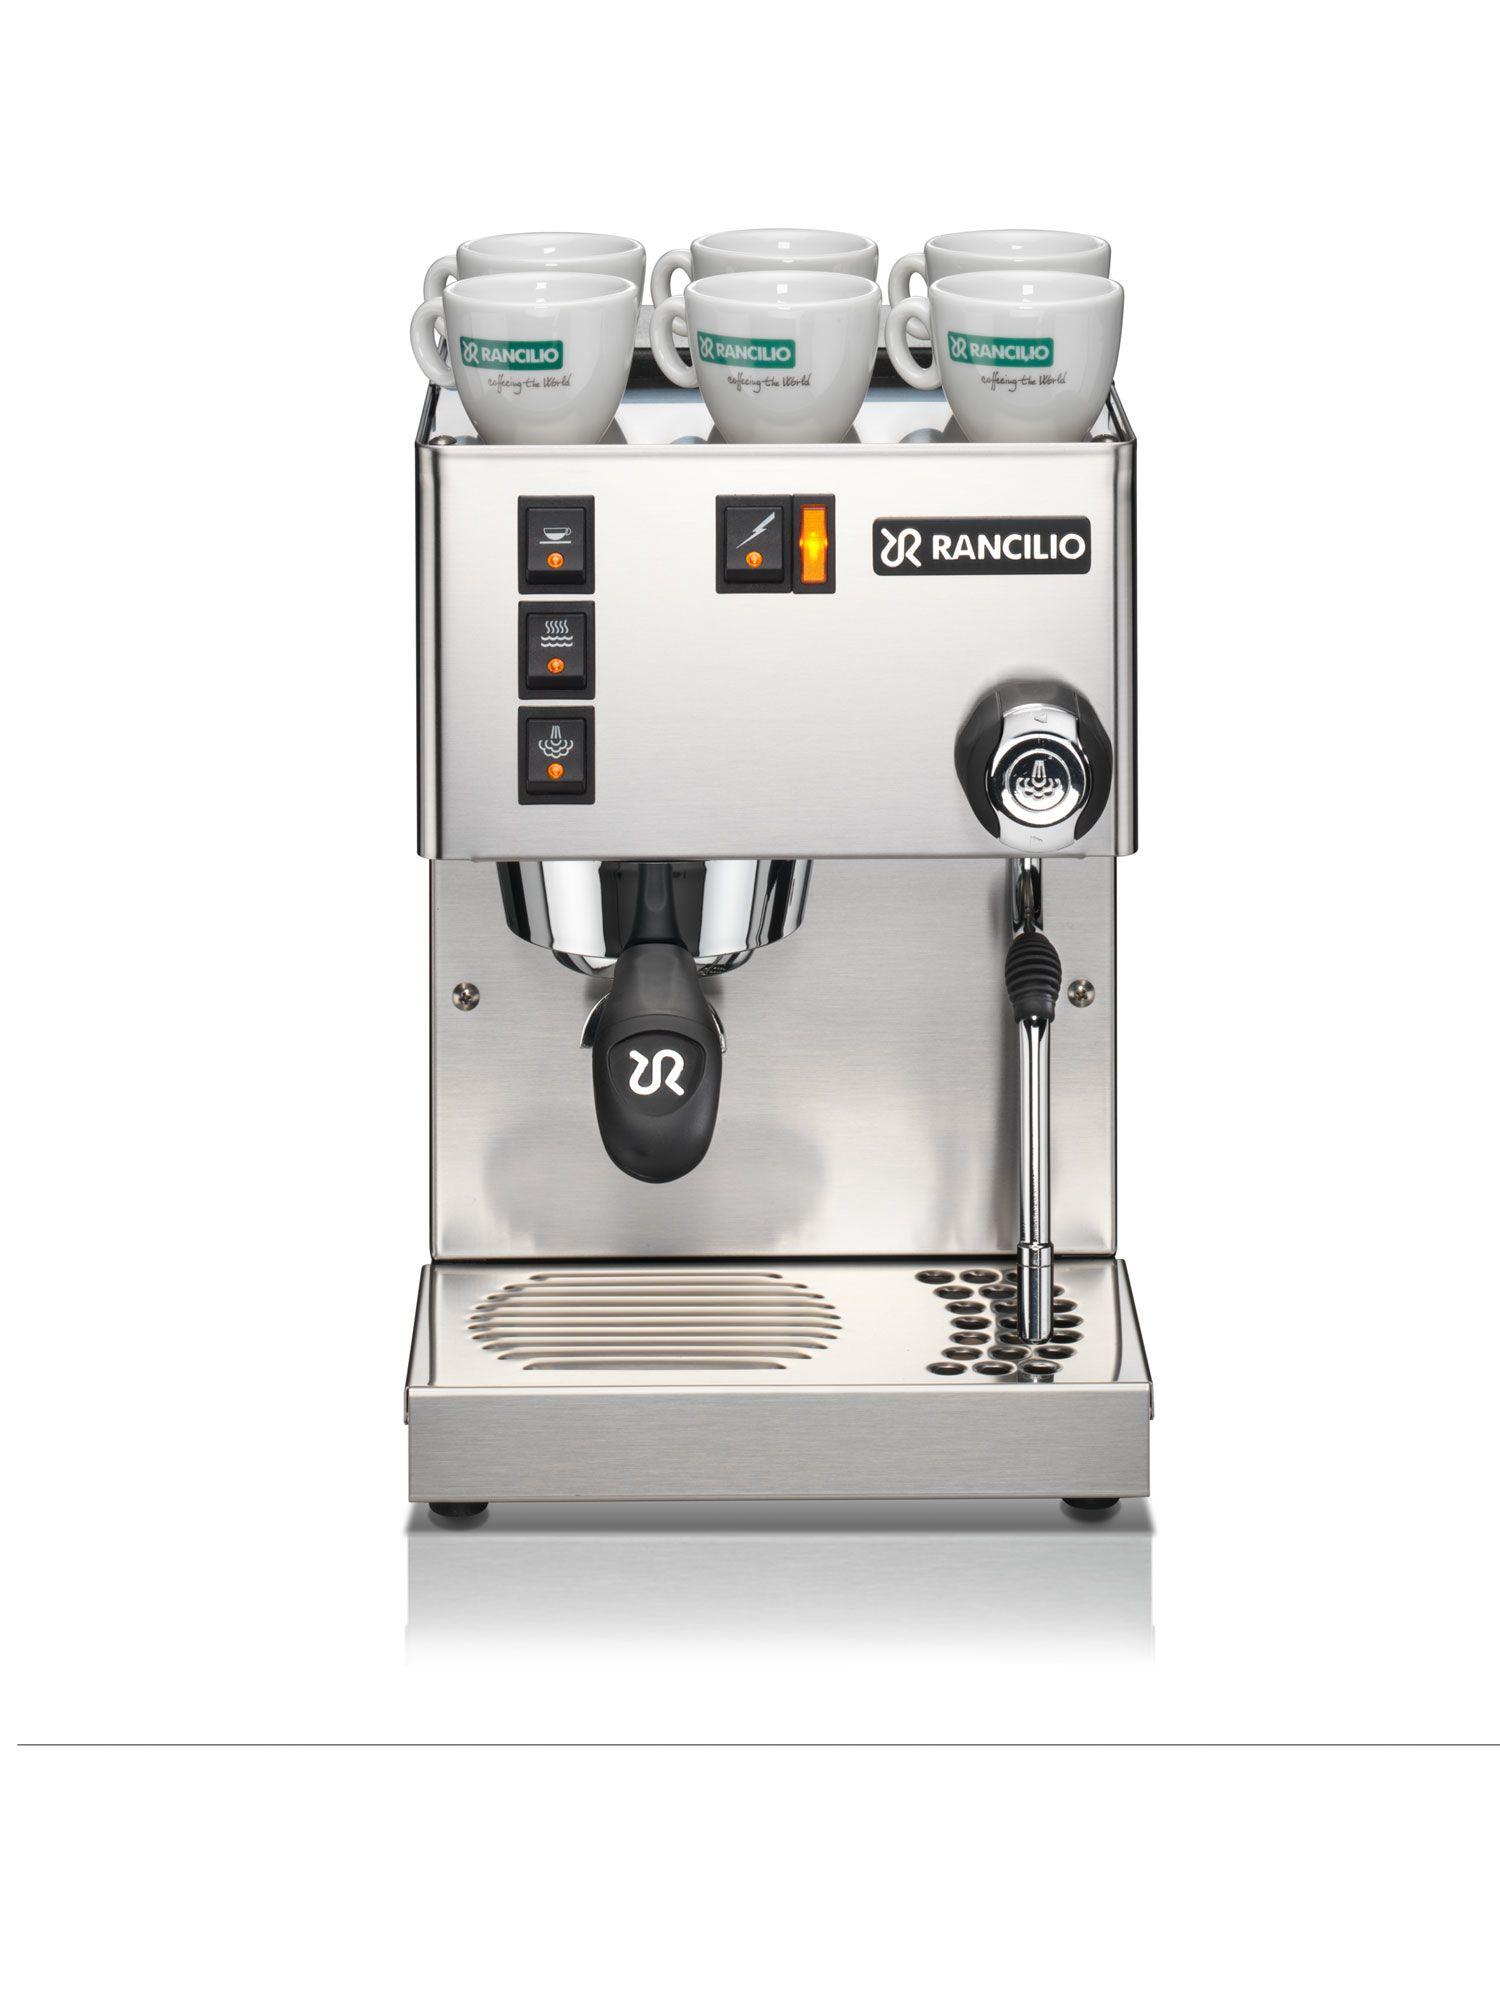 Rancilio Silvia Home Espresso Machine   Prima Coffee - Prima Coffee in 2020   Home espresso ...